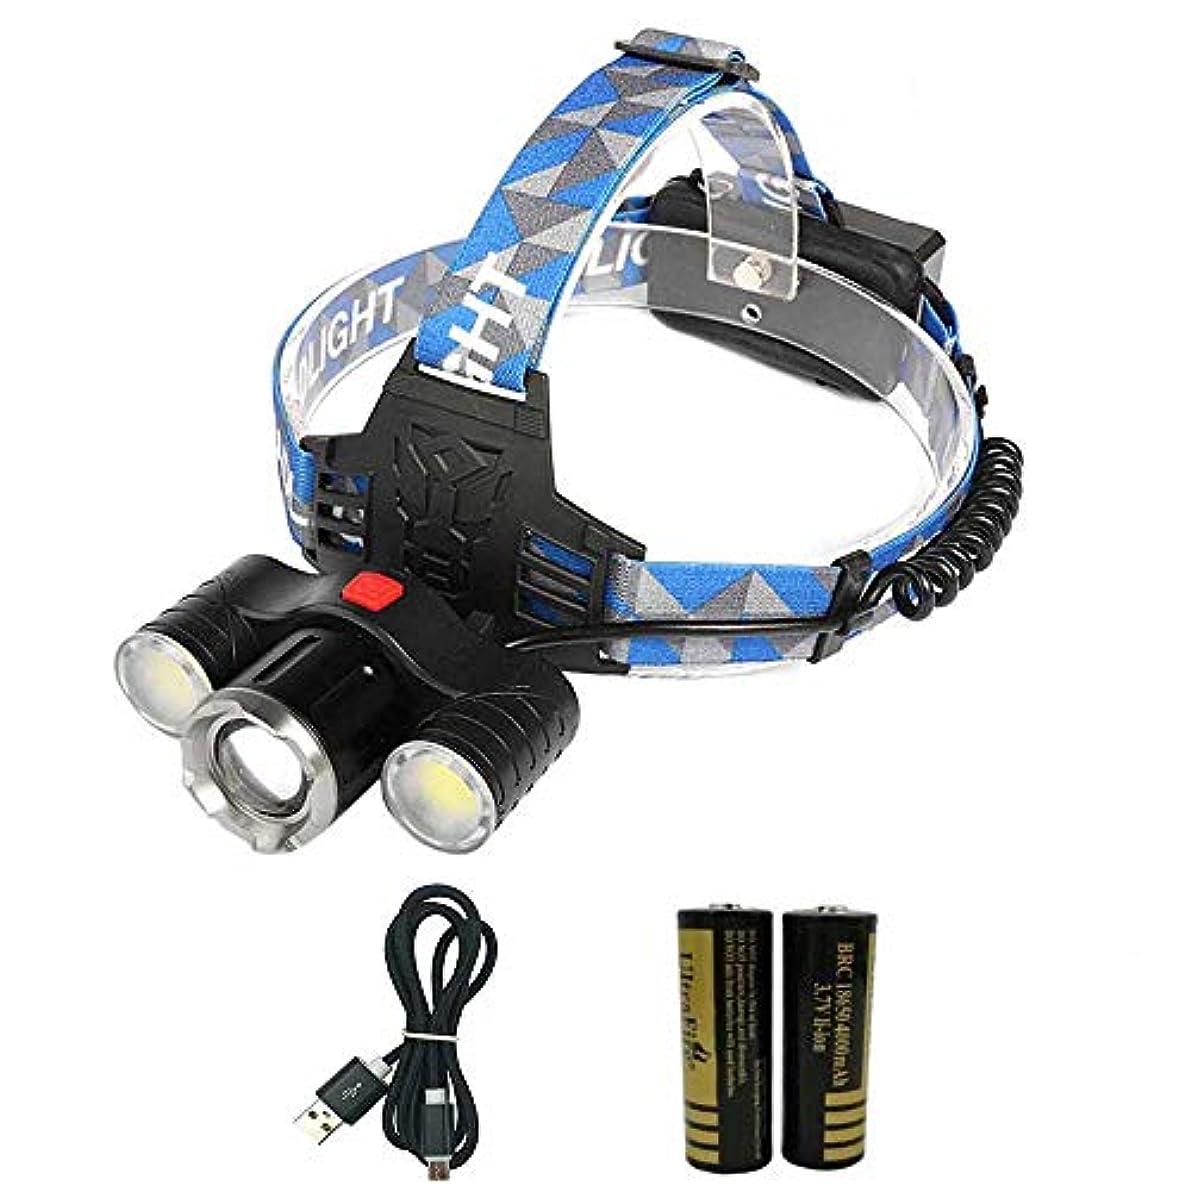 解体する資格財産LEDヘッドライト充電式 CREE XM-T6 20W 2000ルーメン 生活防水 充電線+保護回路付18650充電池2本セット 角度調整可能 4段階点灯 登山 夜の作業 ナイトランニング 夜釣り アウトドアに